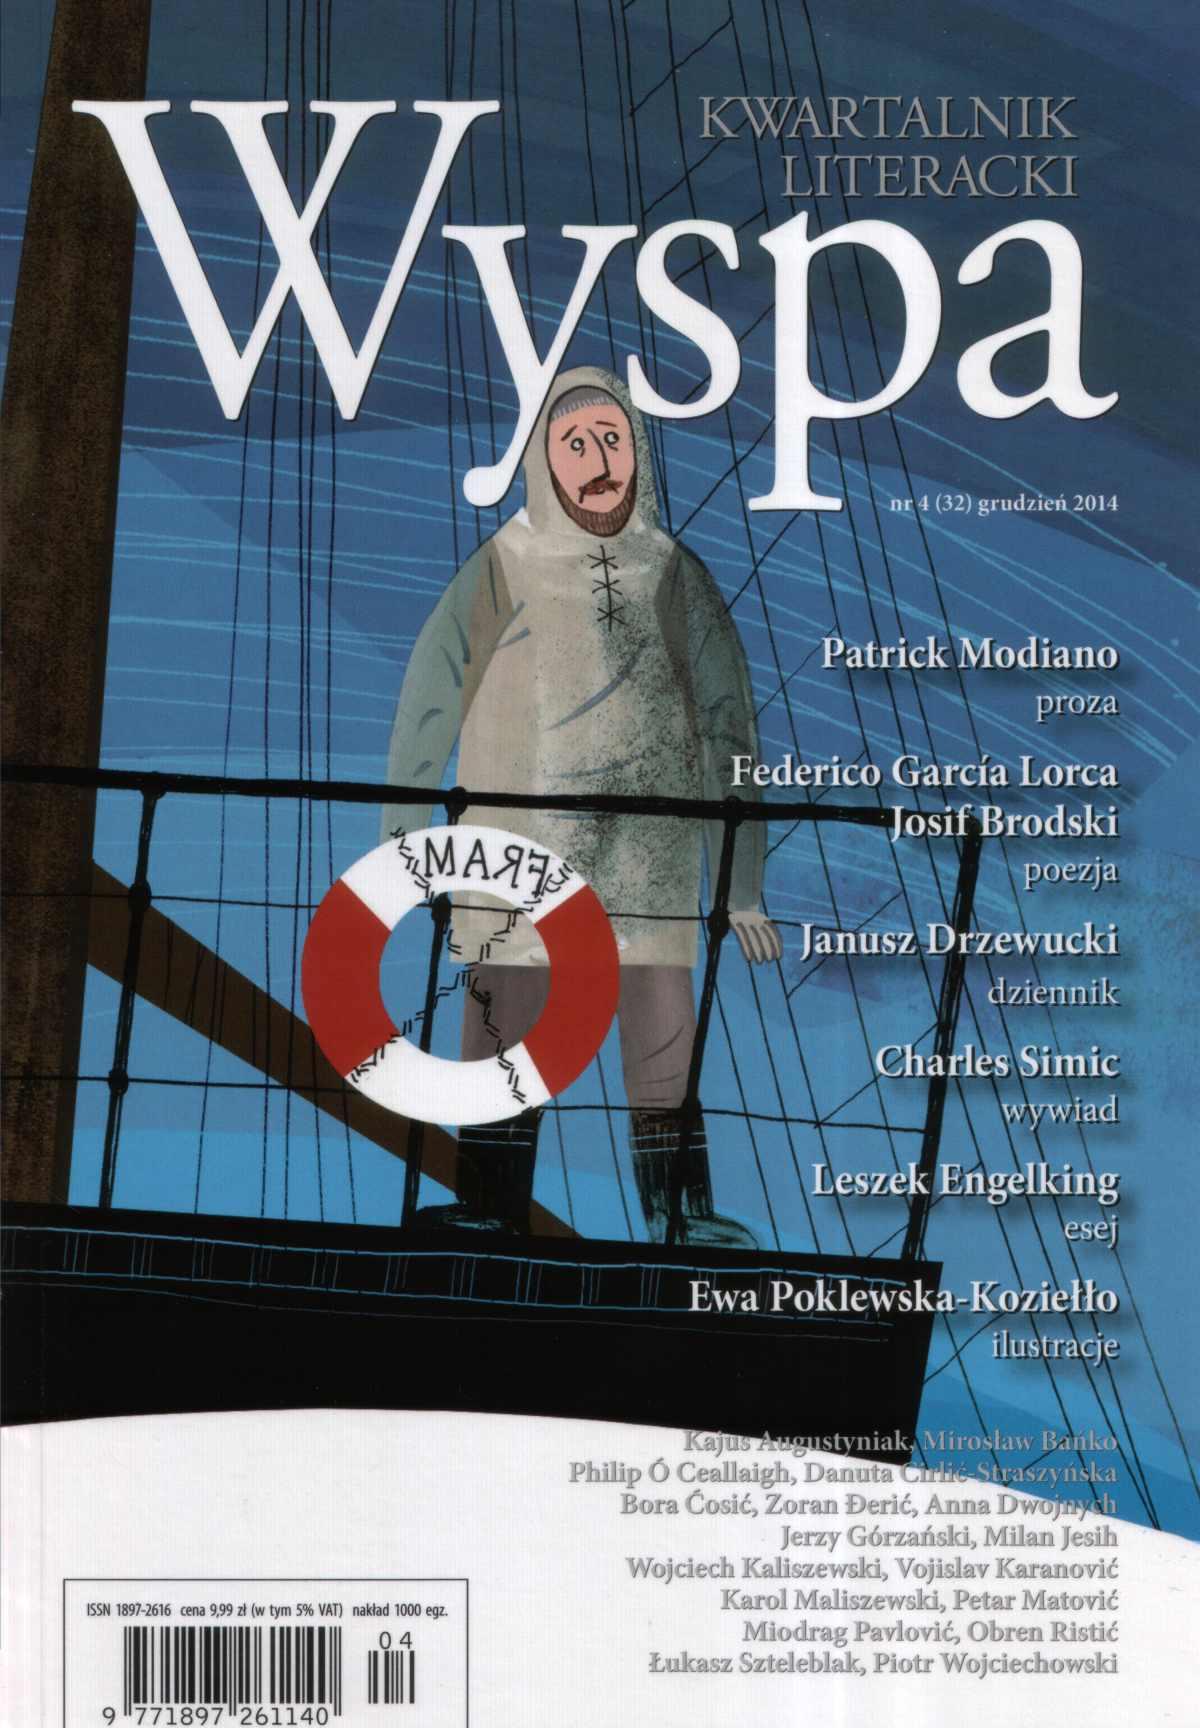 WYSPA Kwartalnik Literacki - nr 4/2014 (32) - Ebook (Książka EPUB) do pobrania w formacie EPUB